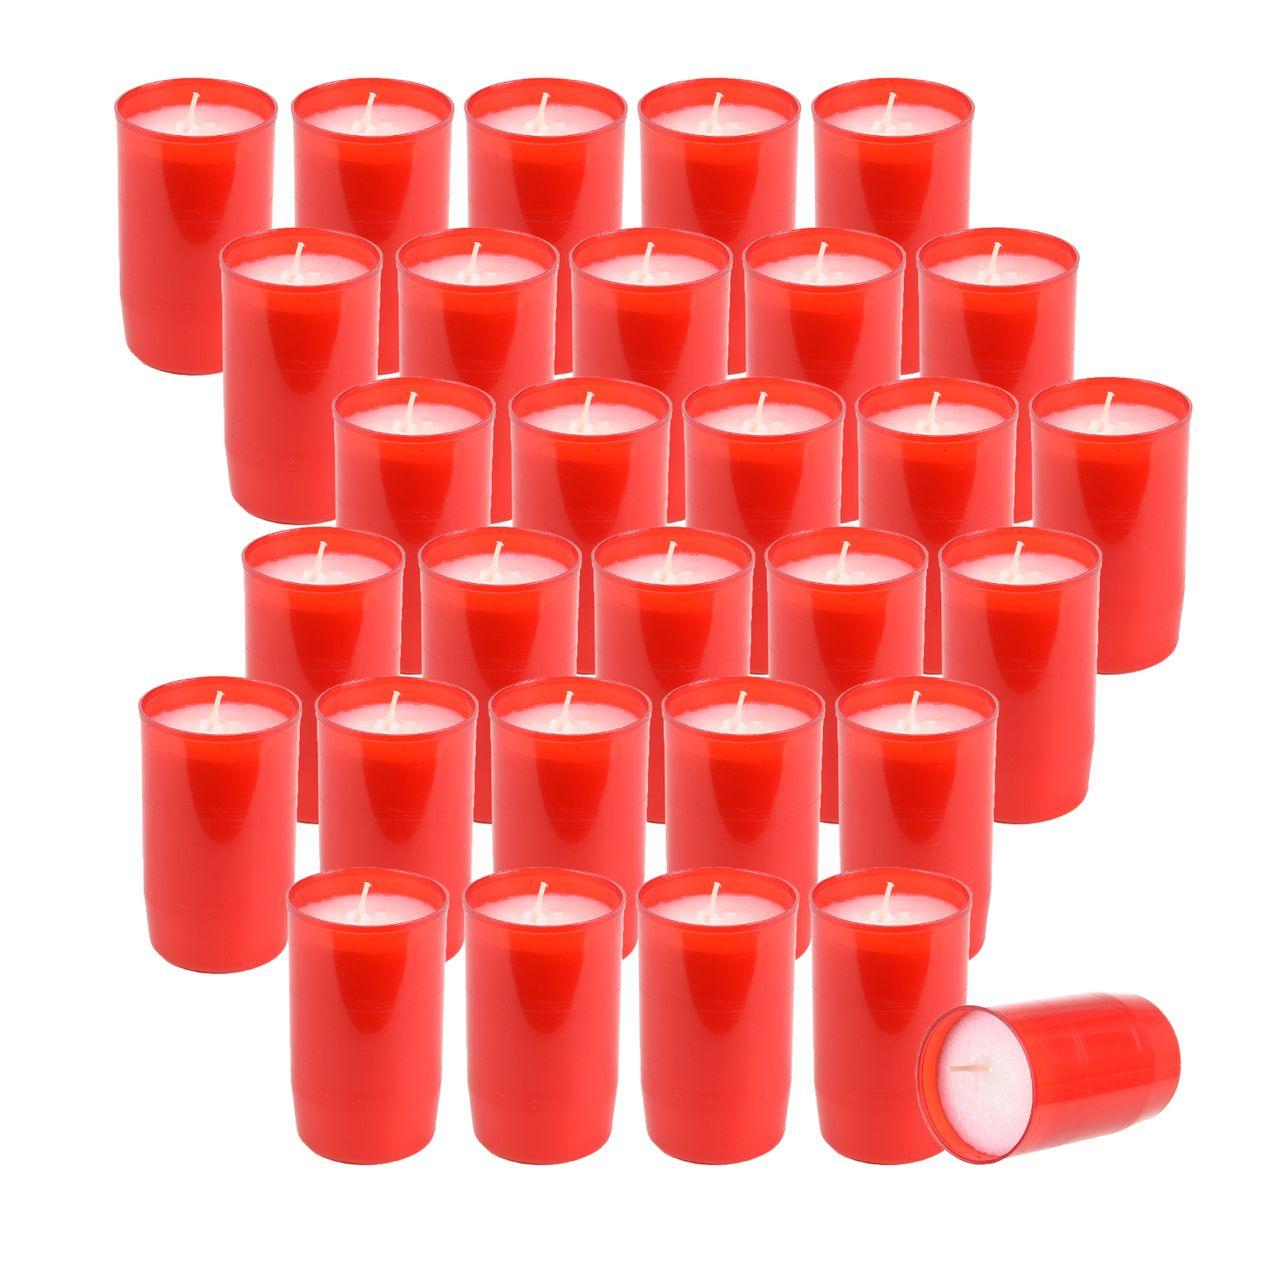 30 Stück ST. JAKOB'S Nr.3 Premium Grablichter, Kompositions Öl-Lichter, Rot